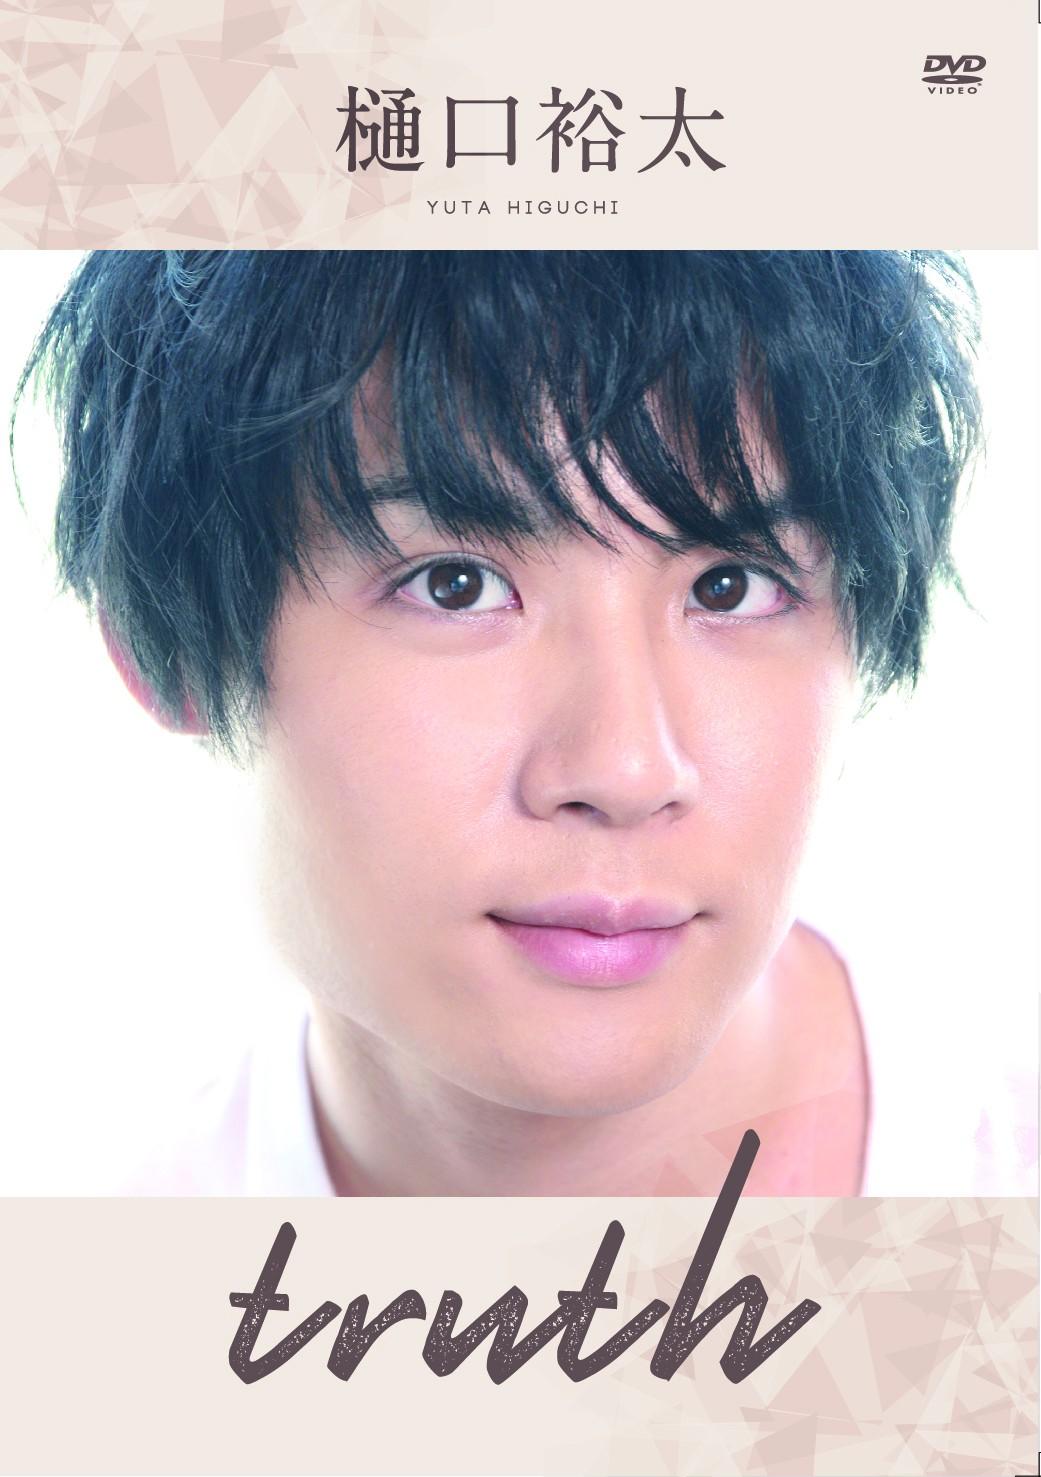 樋口裕太さん1st DVD『truth』発売記念オンラインサイン会詳細